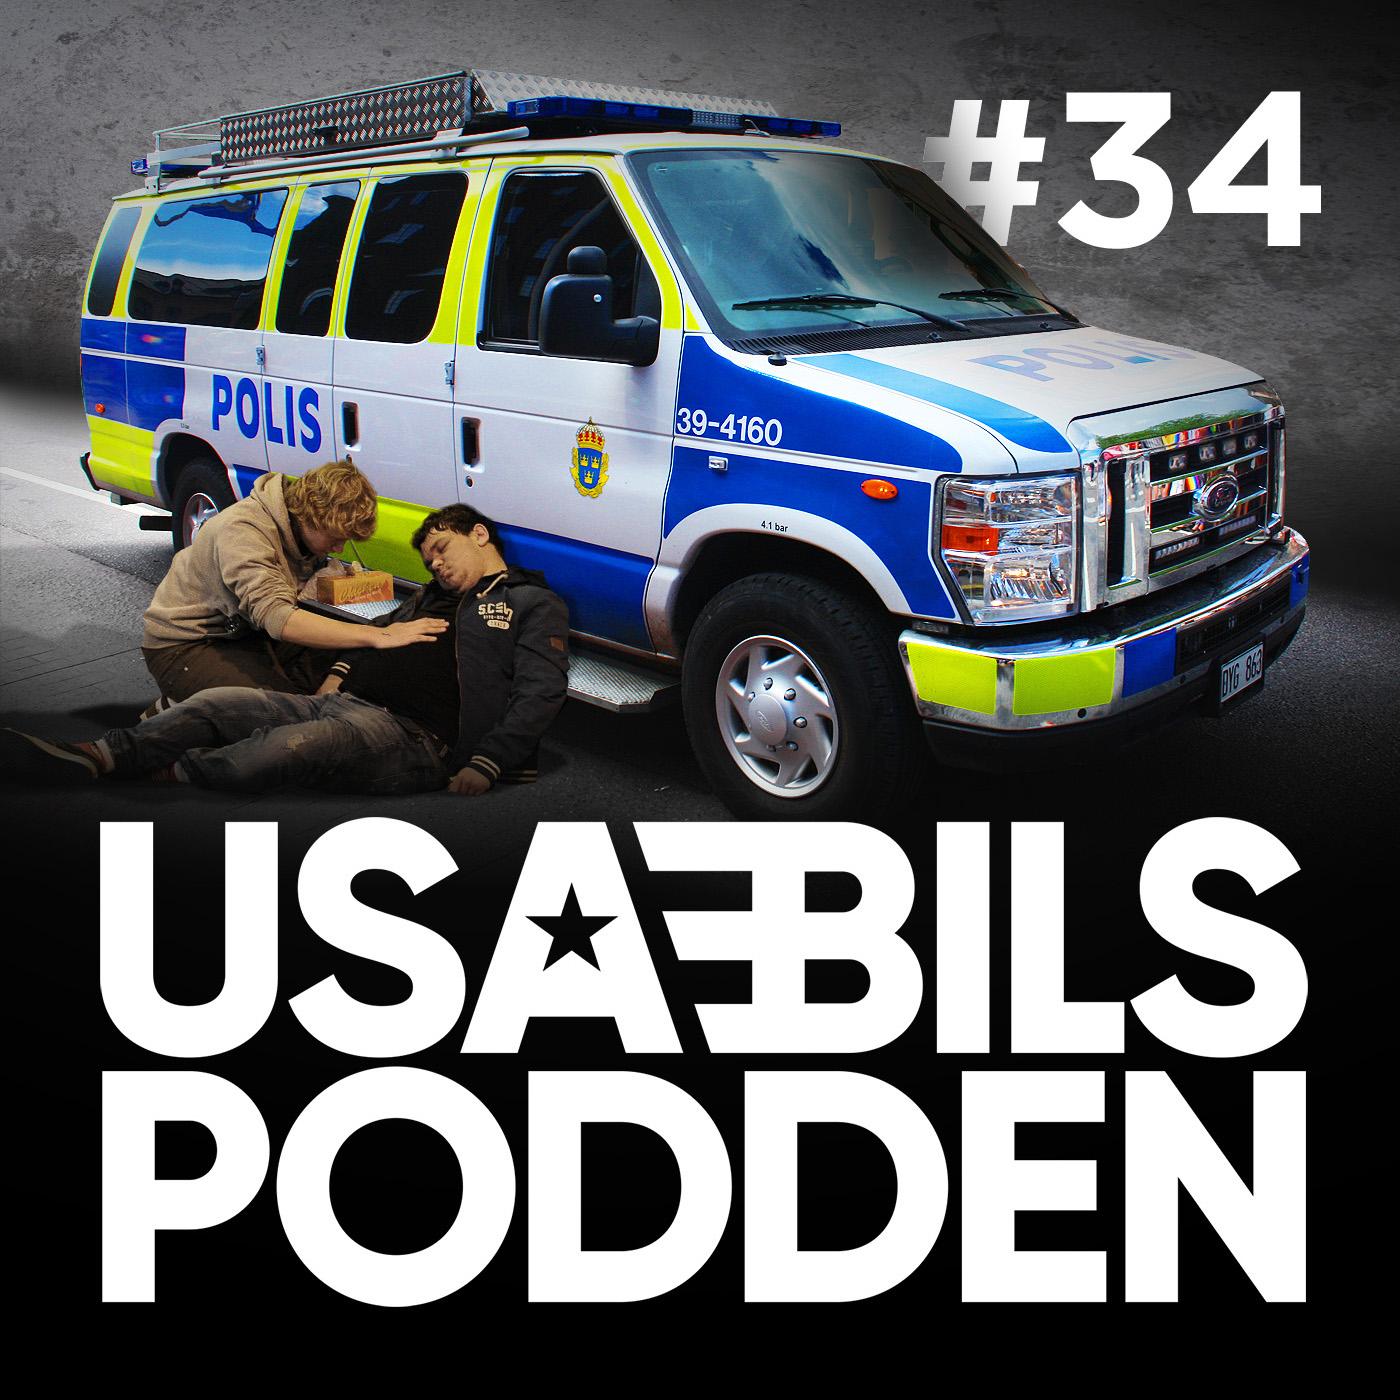 usp_34.jpg